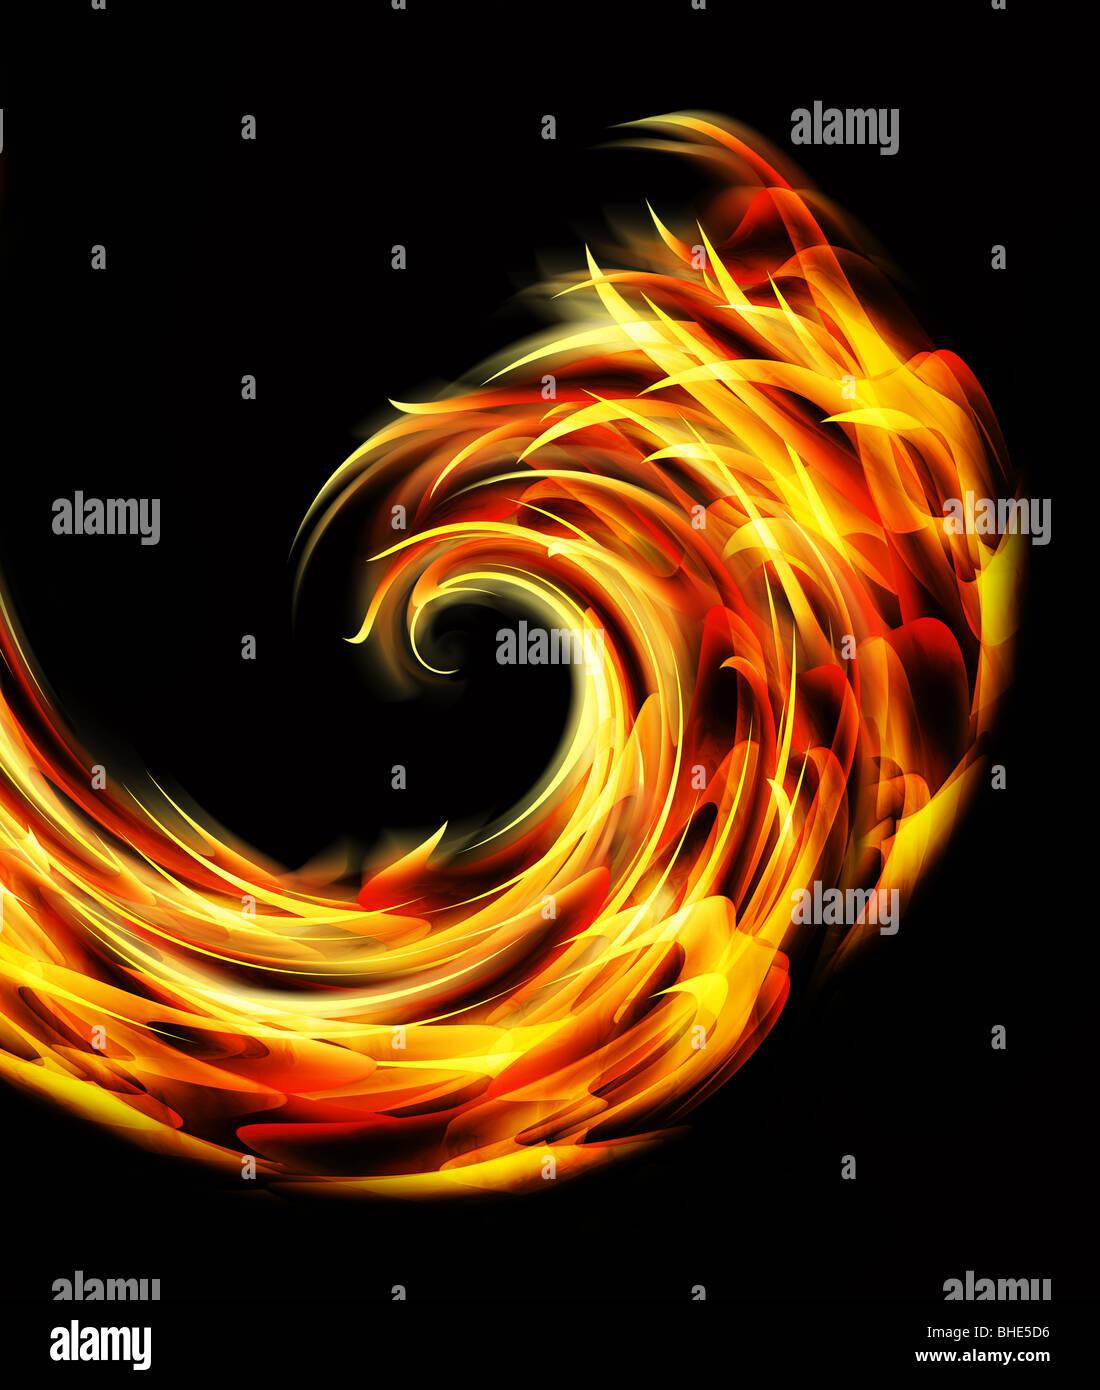 Grafica astratta fuoco e fiamme illustrazione Immagini Stock